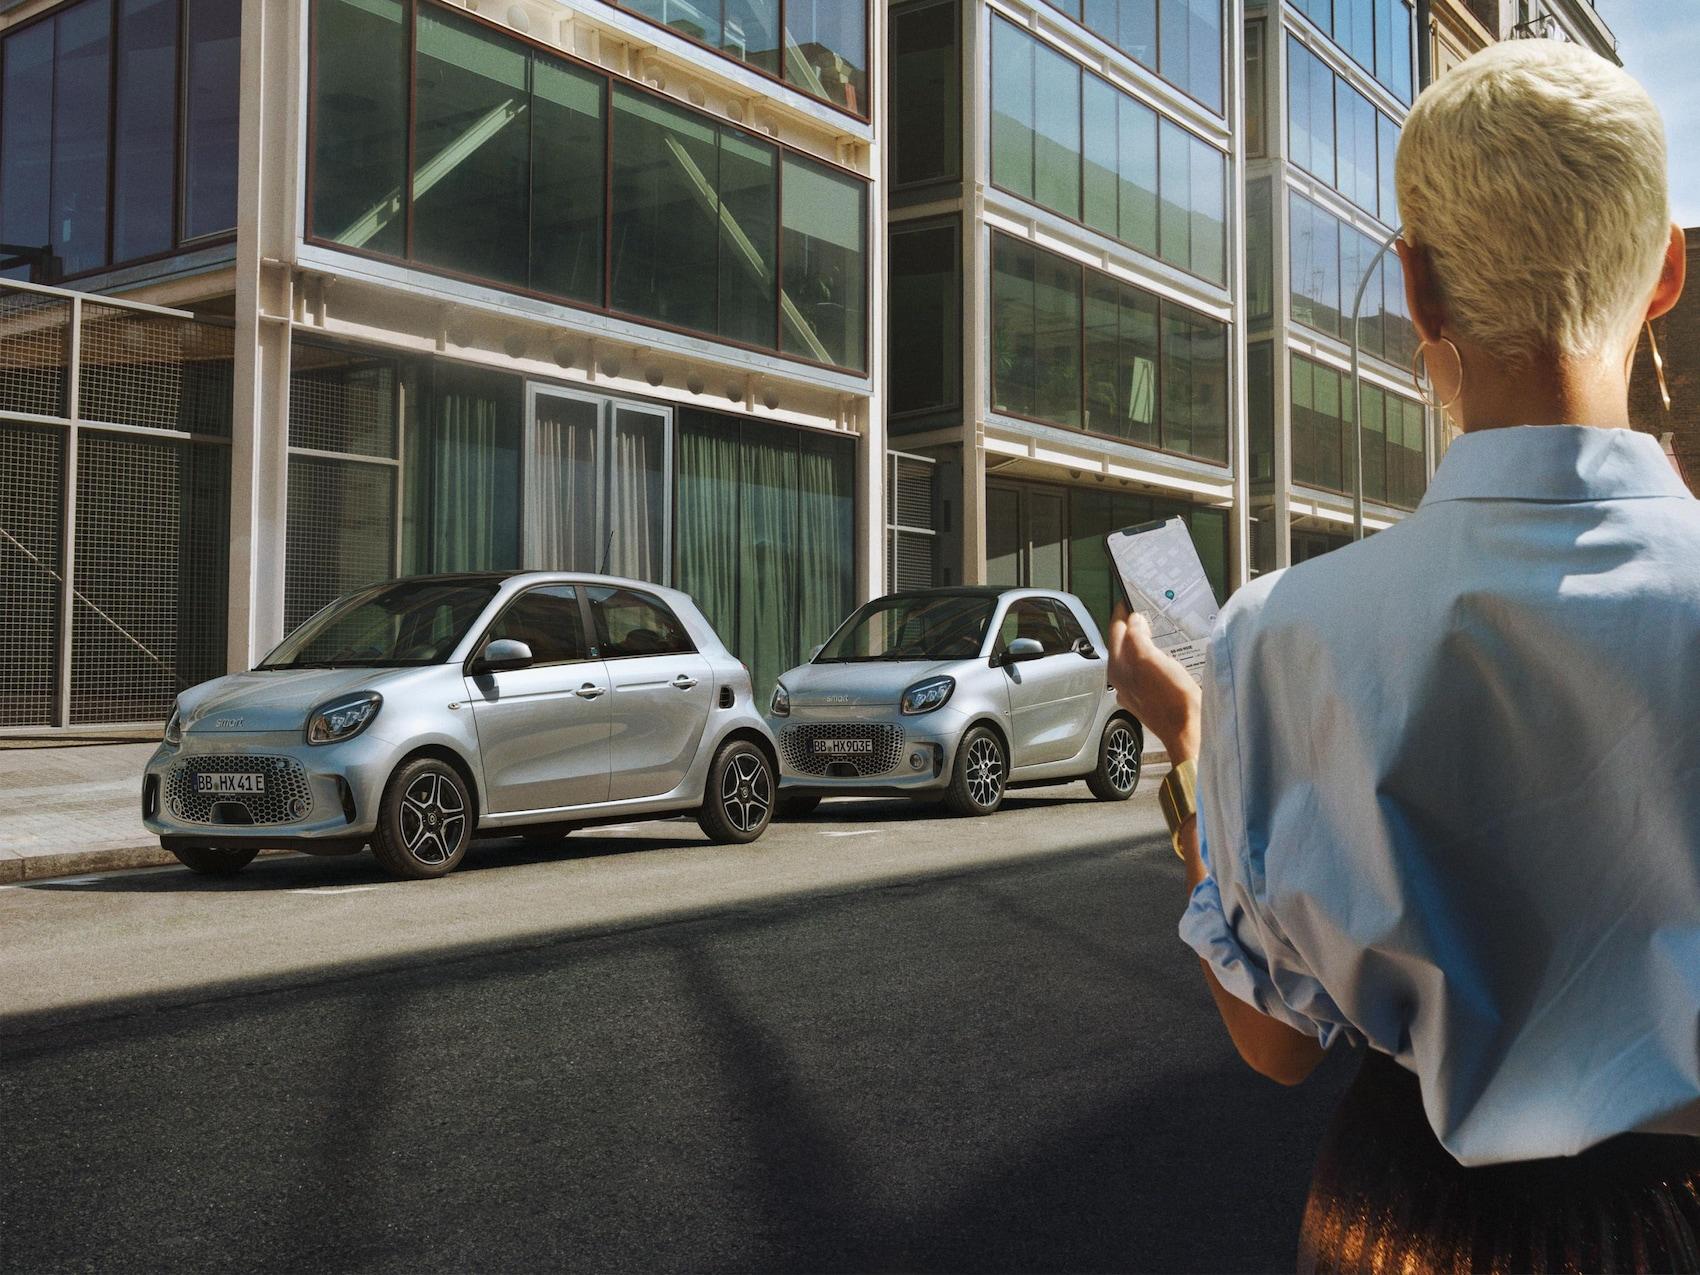 Frau mit kurzen blonden Haaren steht mit einem Smartphone vor silbernem smart EQ forfour und smart EQ fortwo.